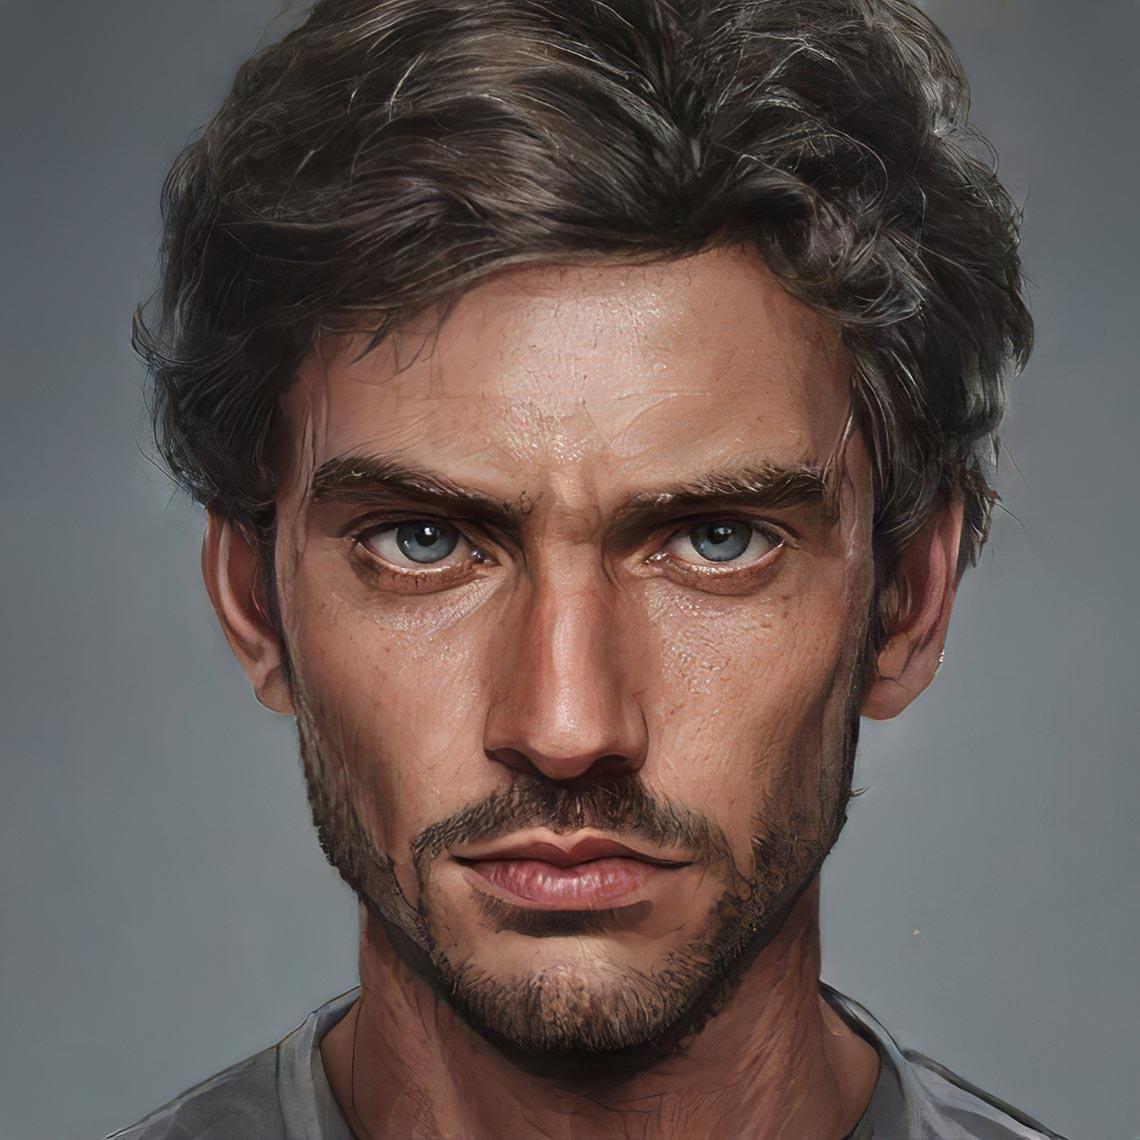 Мужчкой портрет и аватарка для инстаграм в нейросети Artbreeder